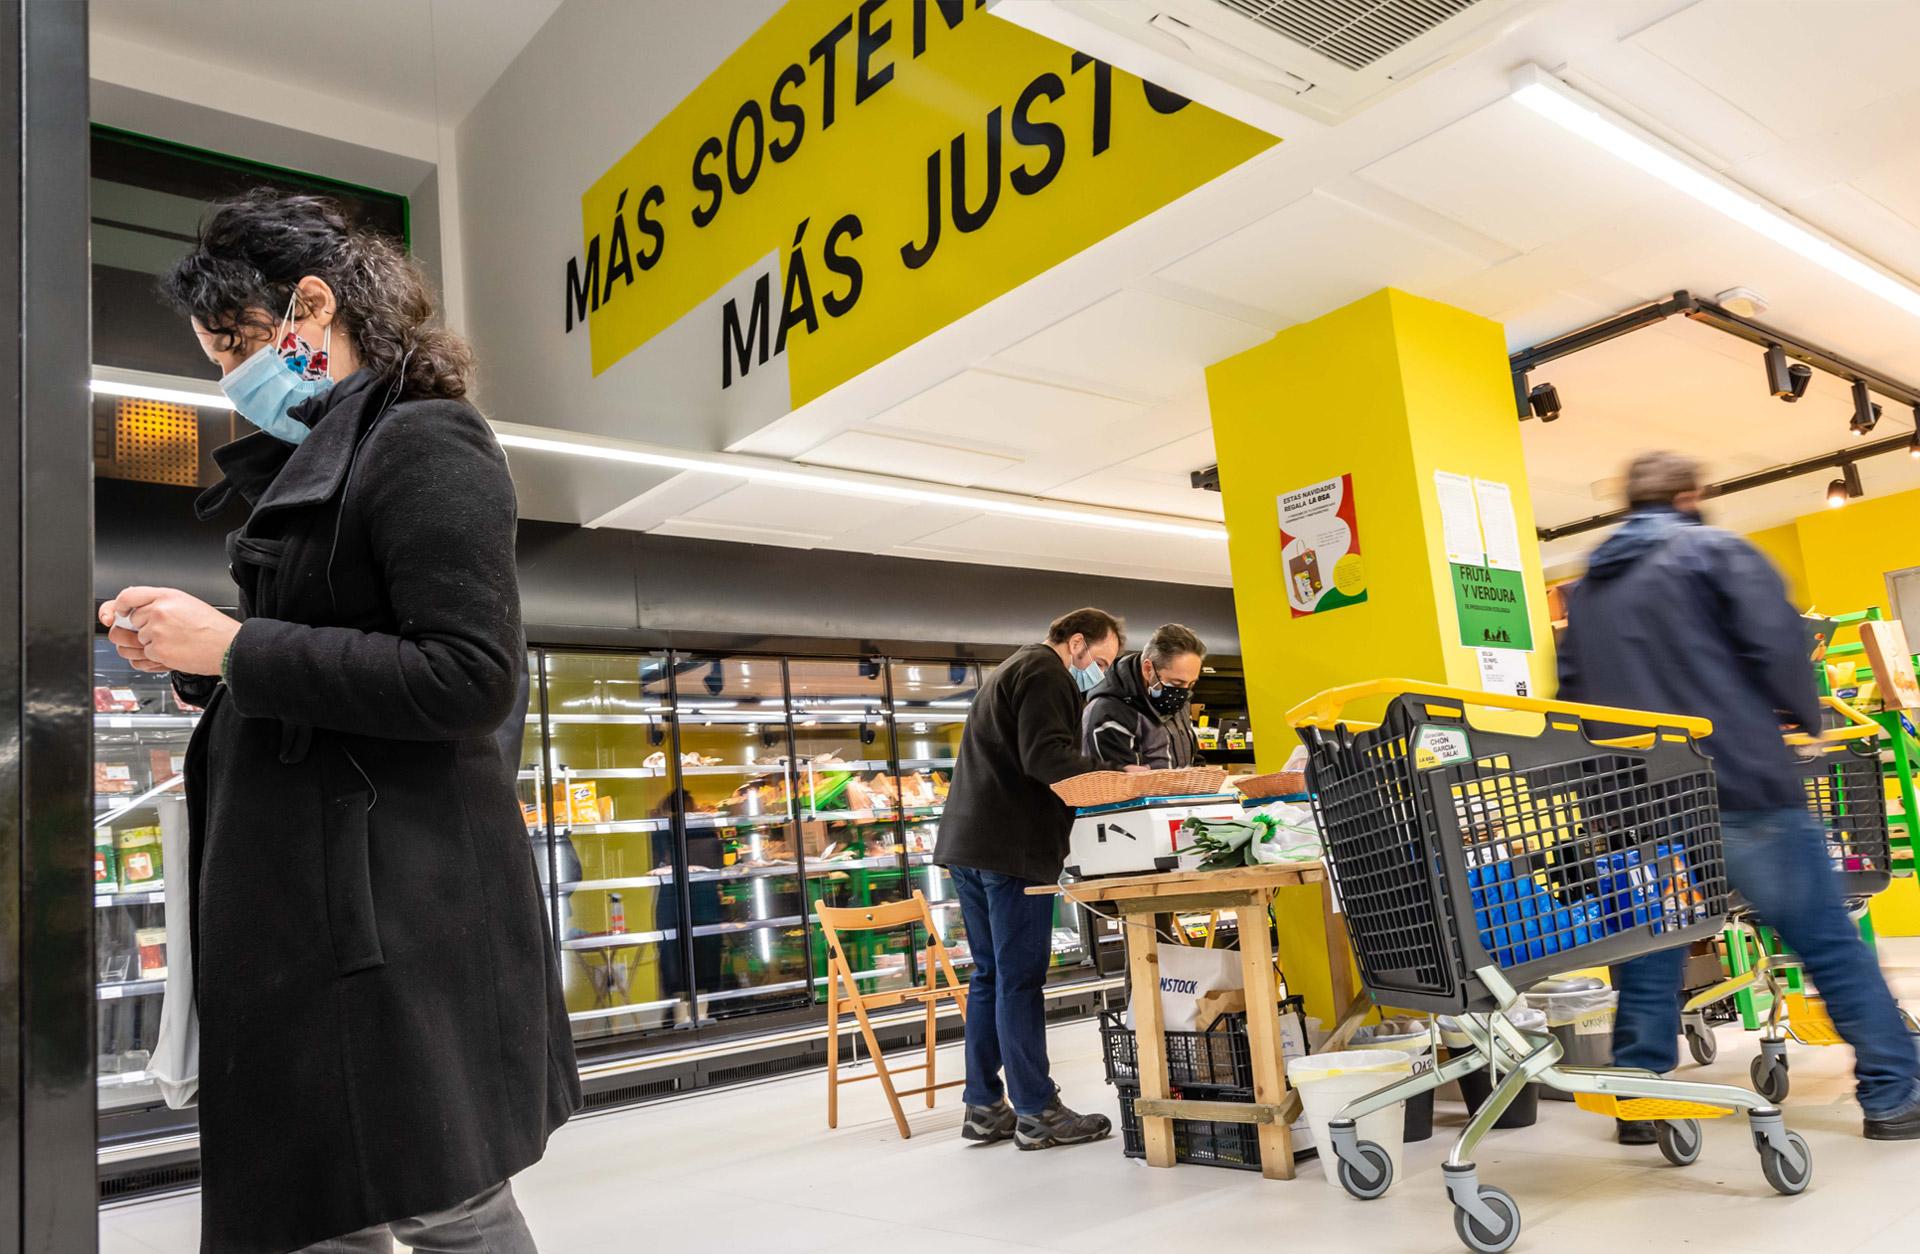 2020 Inauguración del Supermercado en Avda. de Asturias